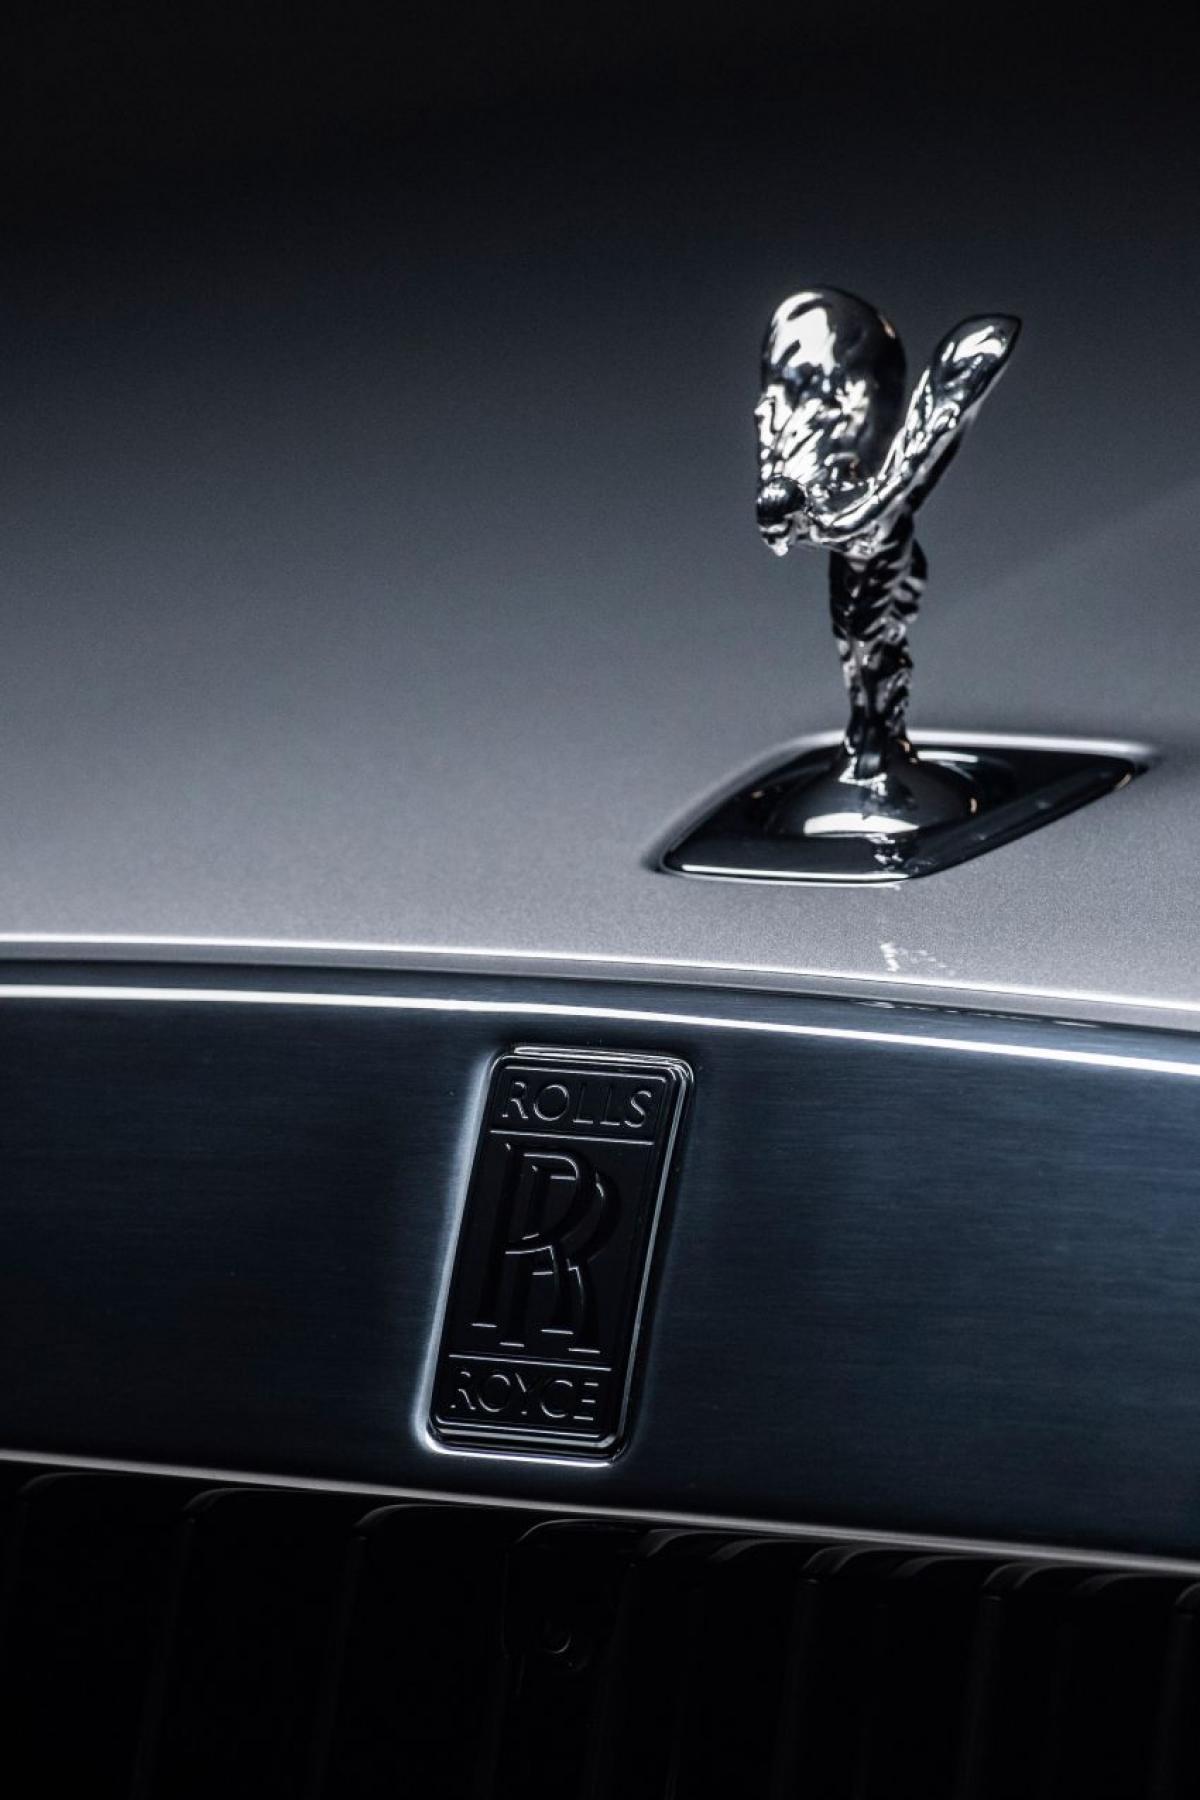 """Với cách tiếp cận mới trong thiết kế, chiếc Ghost mới tuân theo triết lý """"Post Opility"""" của thương hiệu, vừa tối giản mà vẫn mang nét đặc trưng của Rolls-Royce. Thoạt nhìn có vẻ quen thuộc khi mà chỉ có biểu tượng Spirit of Ecstasy phổ biến ở khắp mọi nơi và ô che cửa được nâng lên so với phiên bản trước đó."""